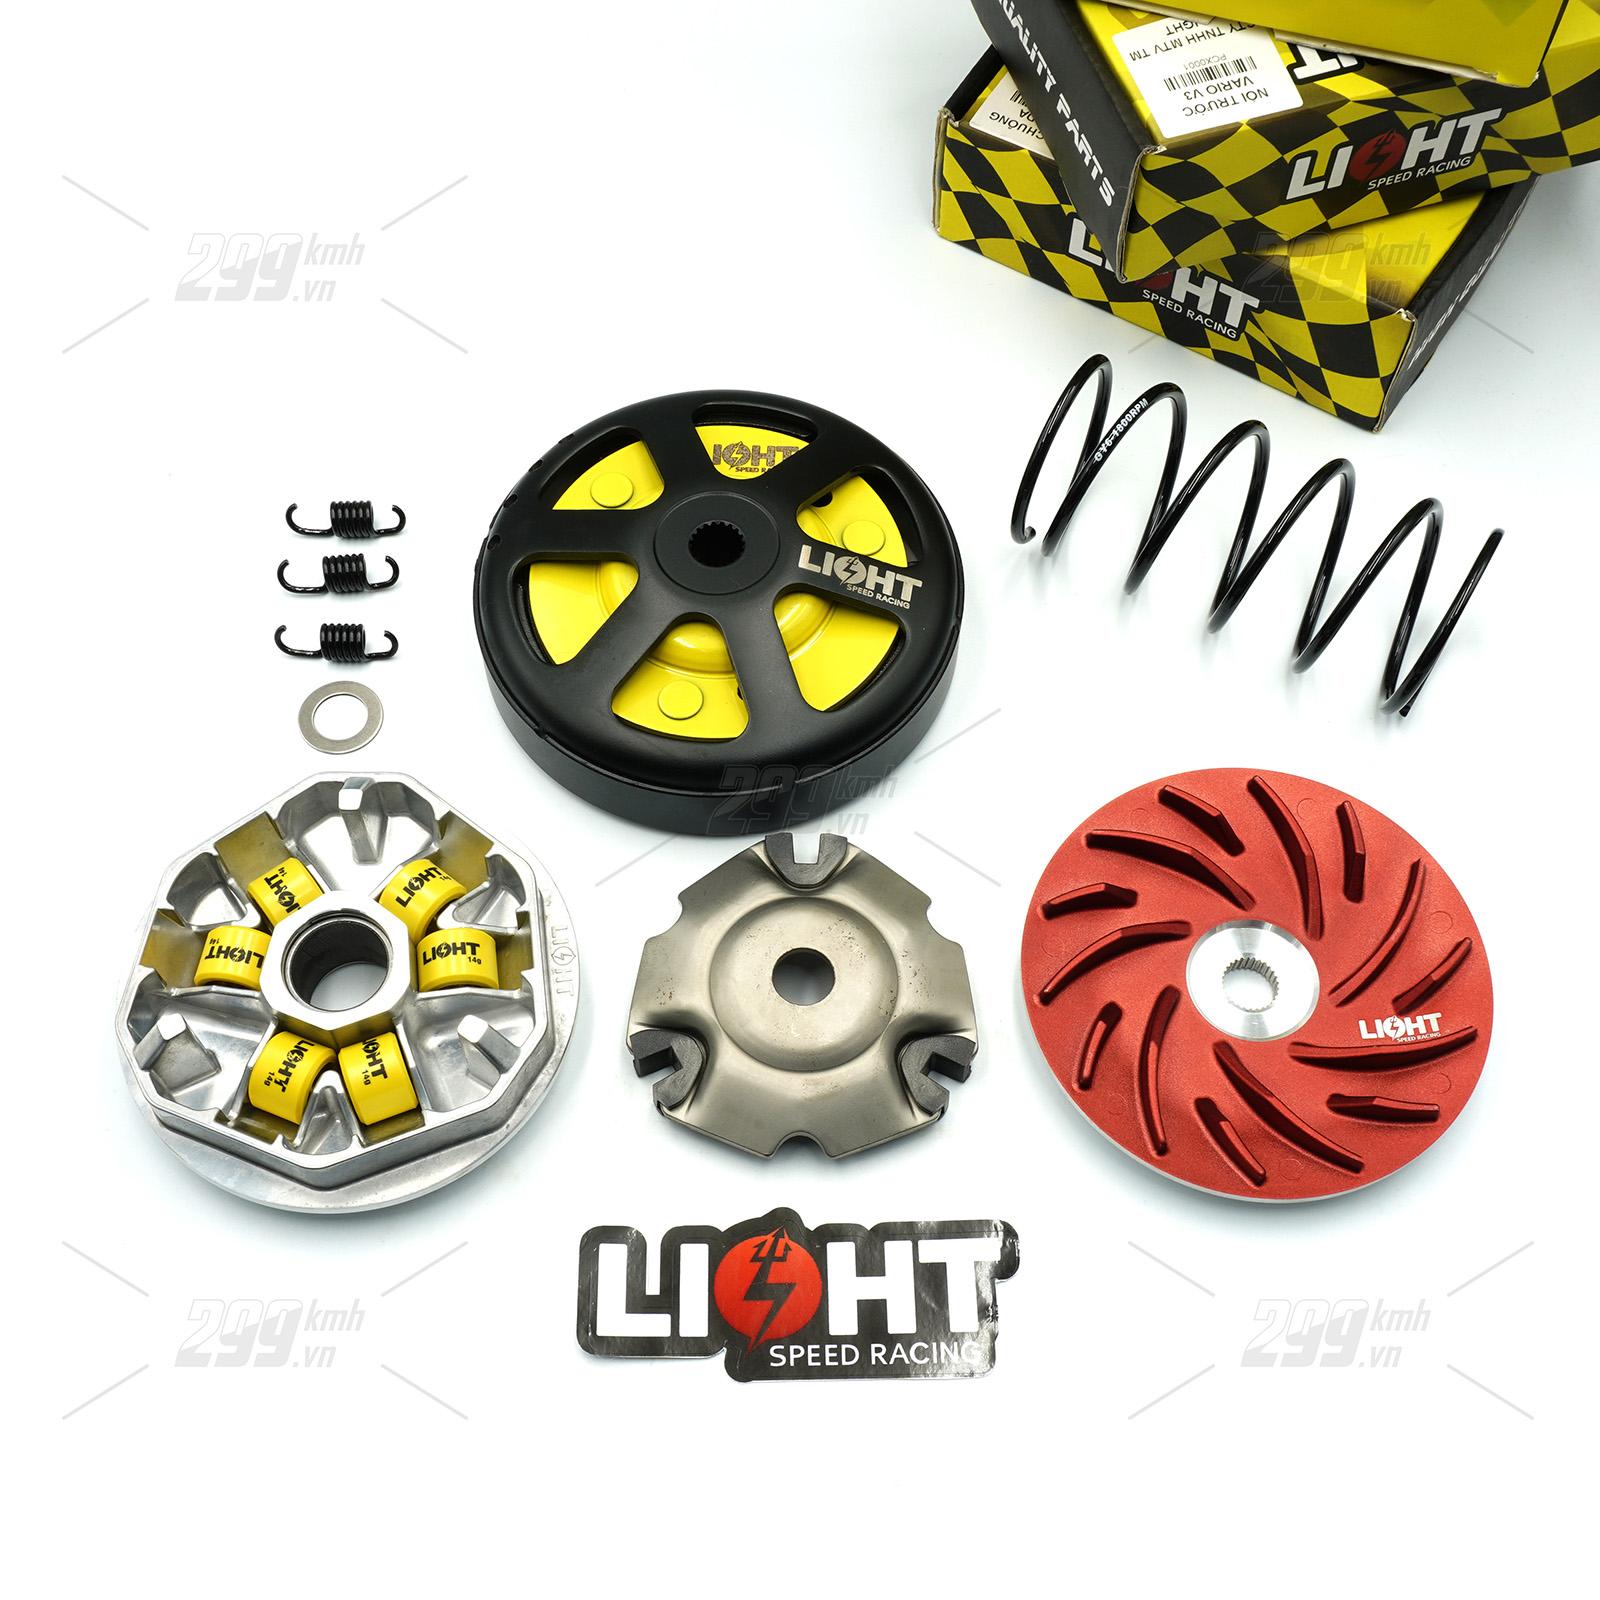 Bộ nồi Light Speed Racing V3 cho xe Honda Vario, Click Thái, Air Blade 125-150, PCX...